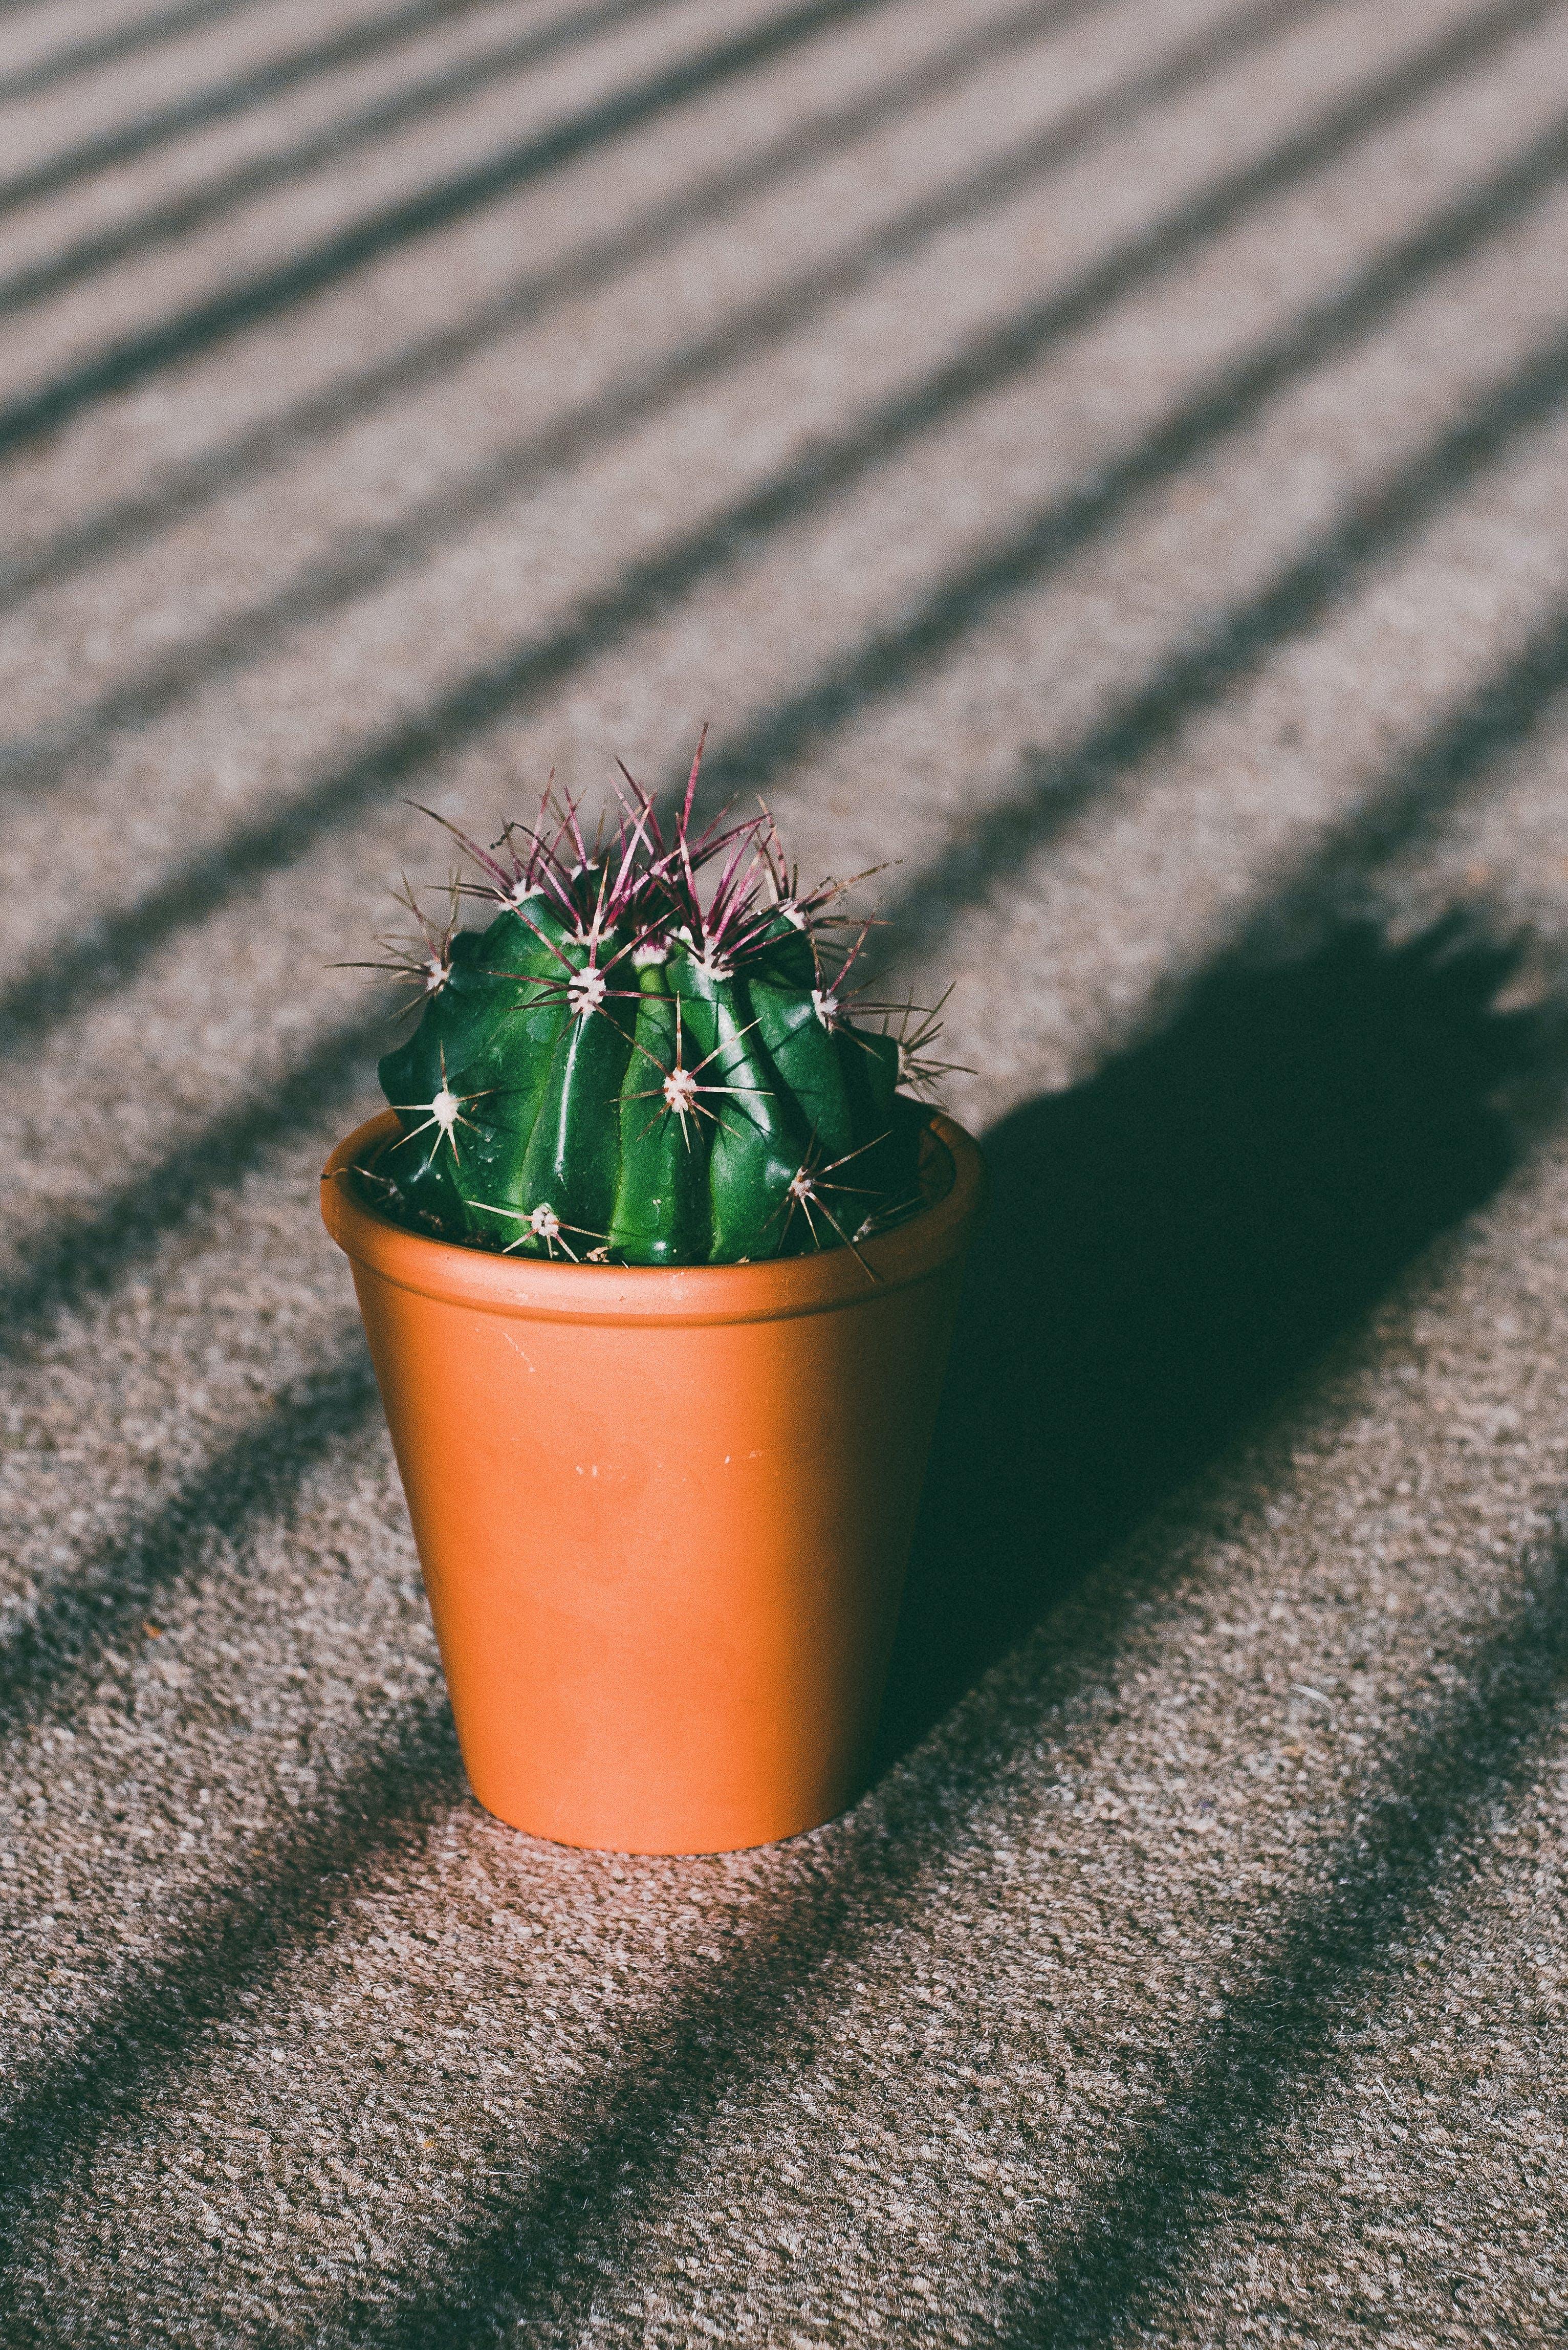 Foto d'estoc gratuïta de afilat, cactus, cassola, columnes vertebrals